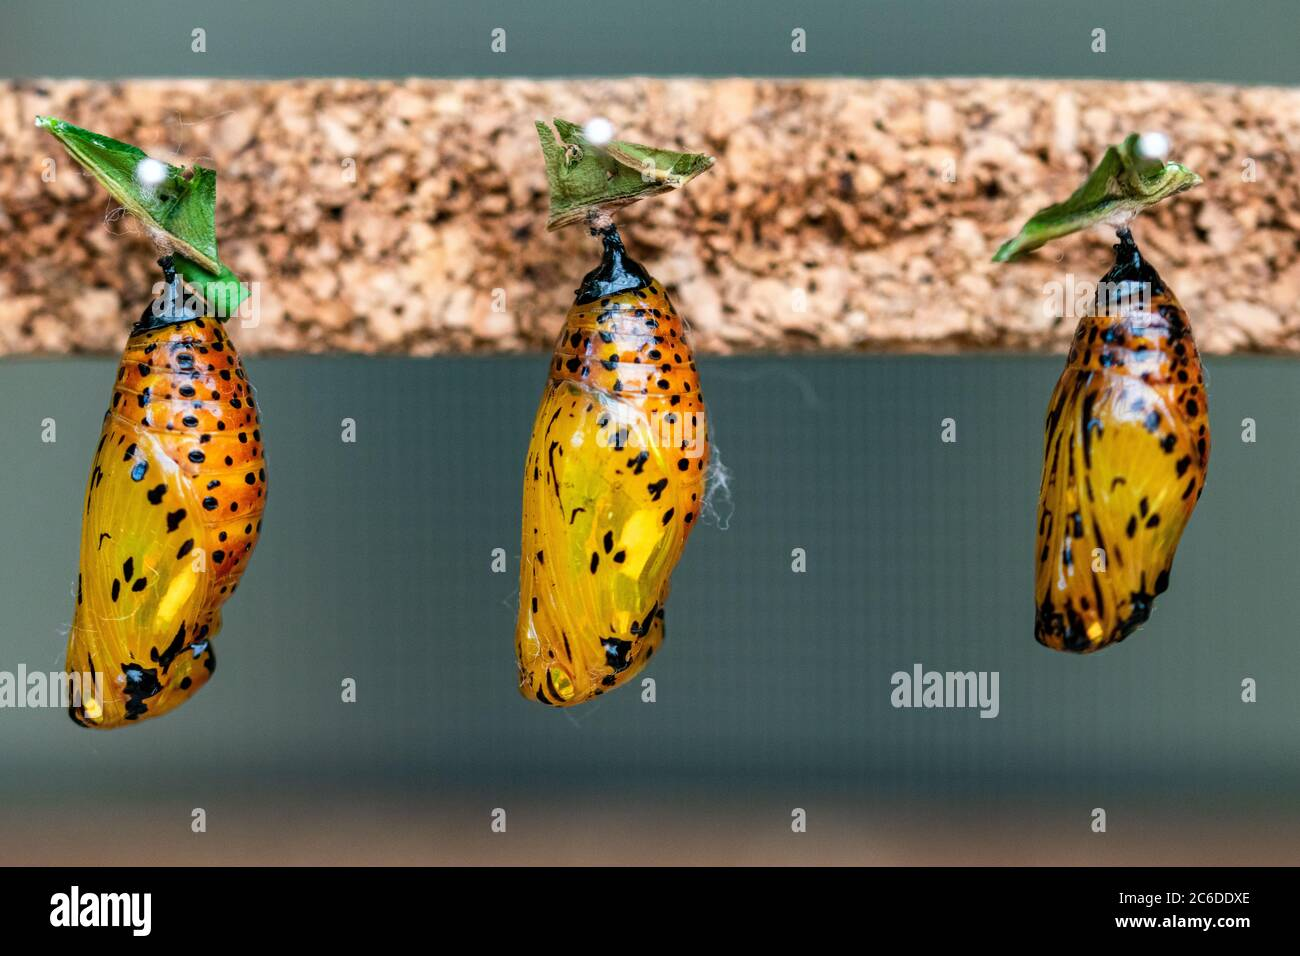 una imagen de cerca de tres mariposas´s todavía en su amarillo formas crisálida cambiando de oruga Foto de stock